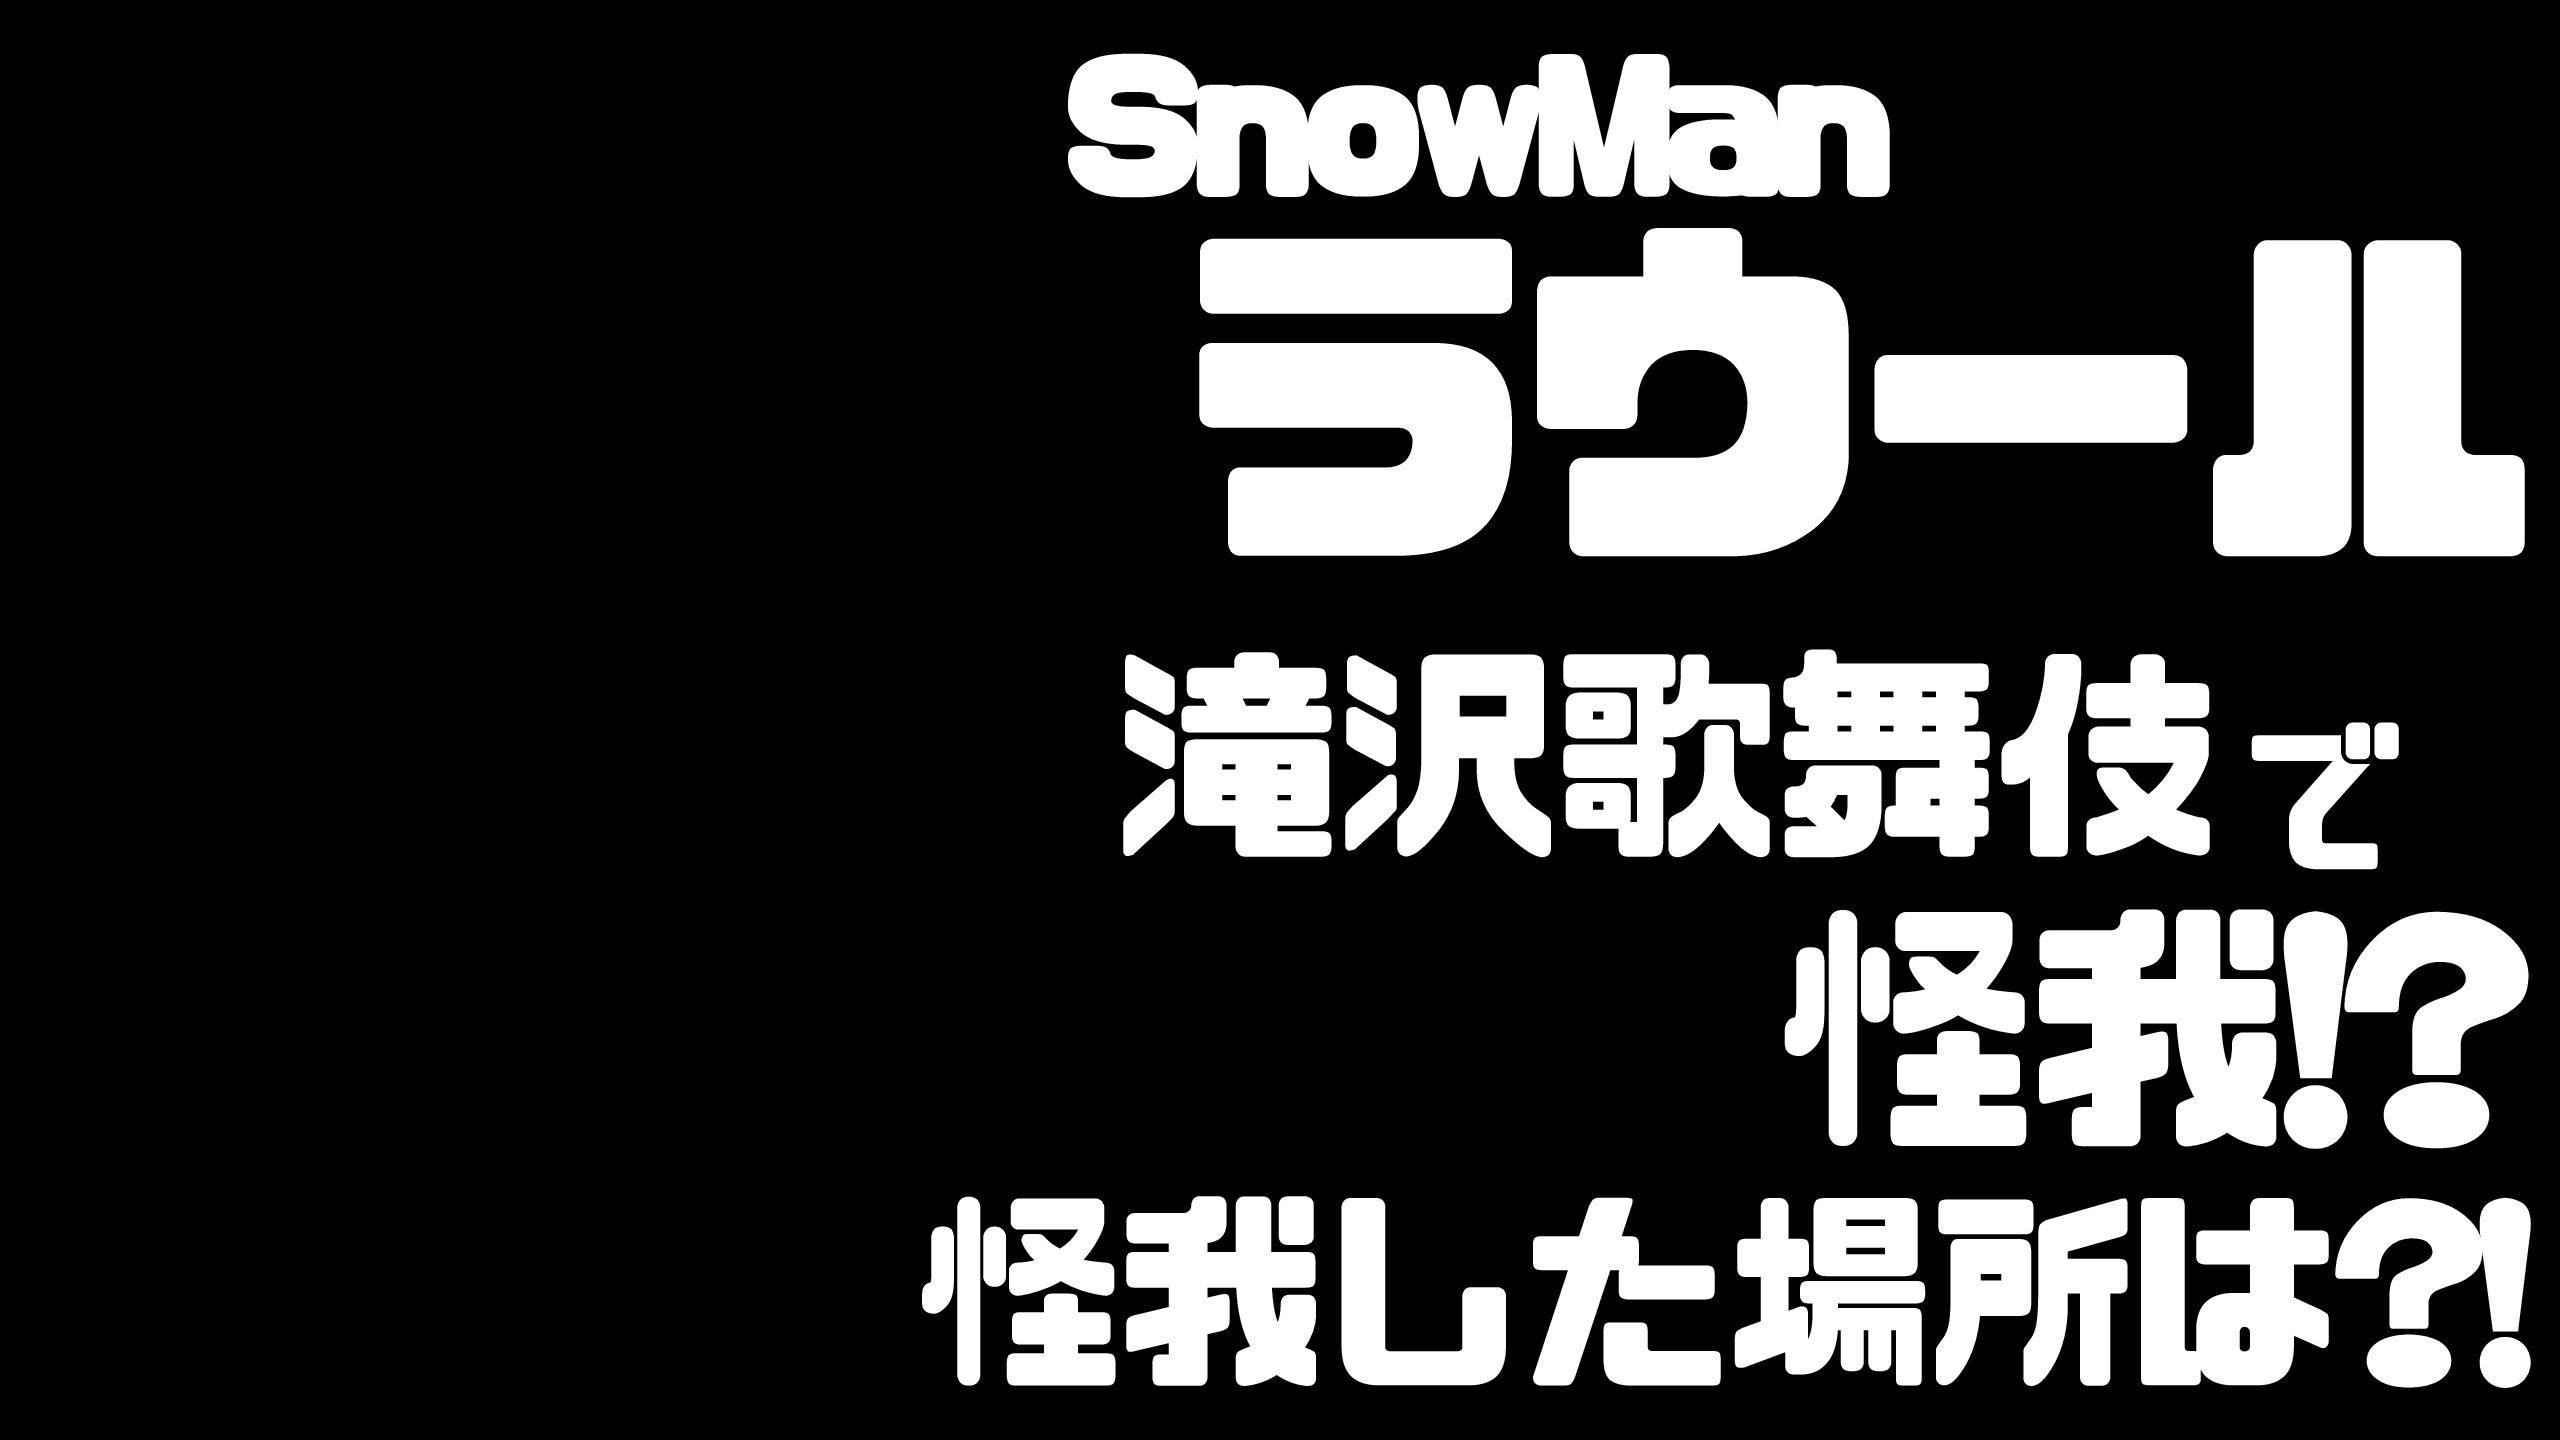 大介 怪我 佐久間 佐久間大介(SnowMan)はアニオタで痛部屋wネットの反応は!|ちゃんとテキトー生活